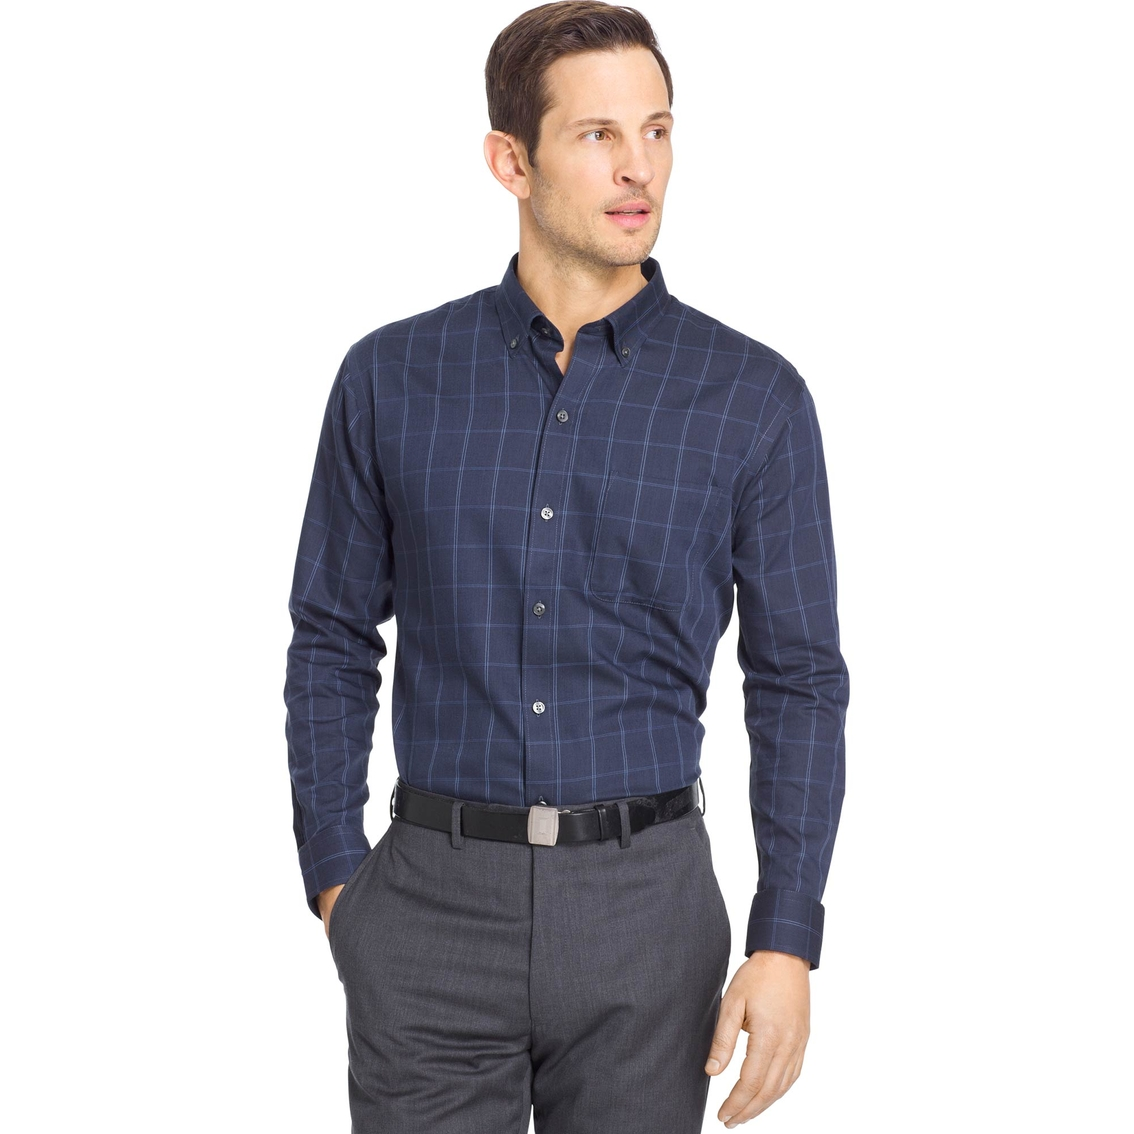 Van heusen windowpane premium non iron shirt casual for Van heusen non iron shirts